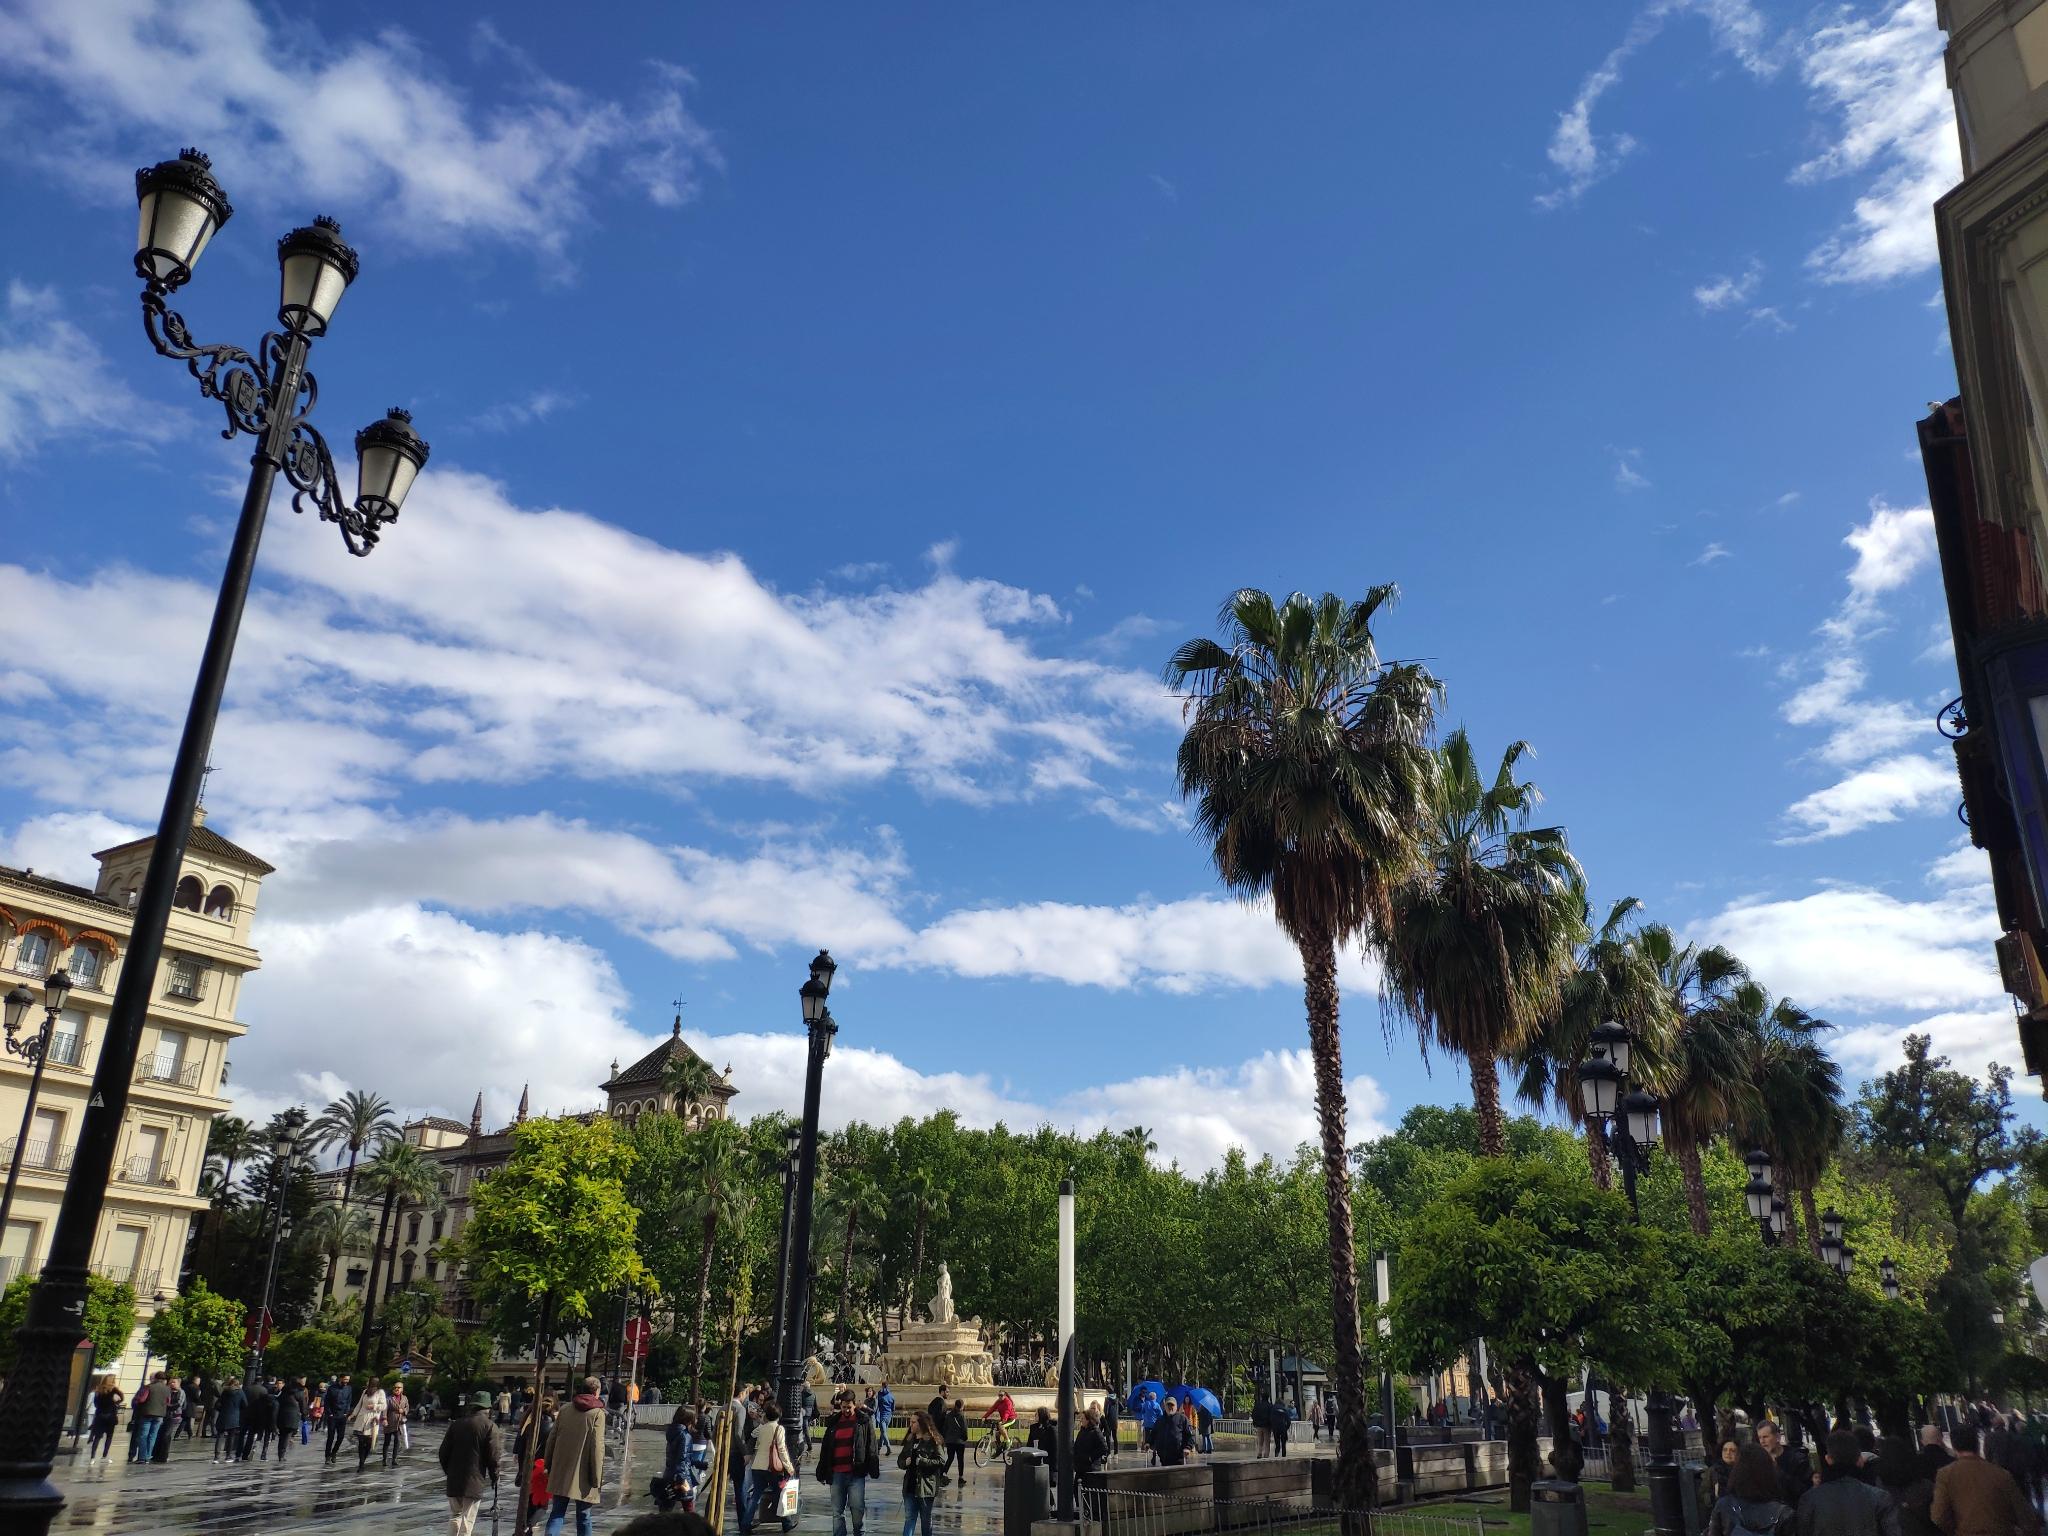 西班牙12日自由行深度游---旅行的意义